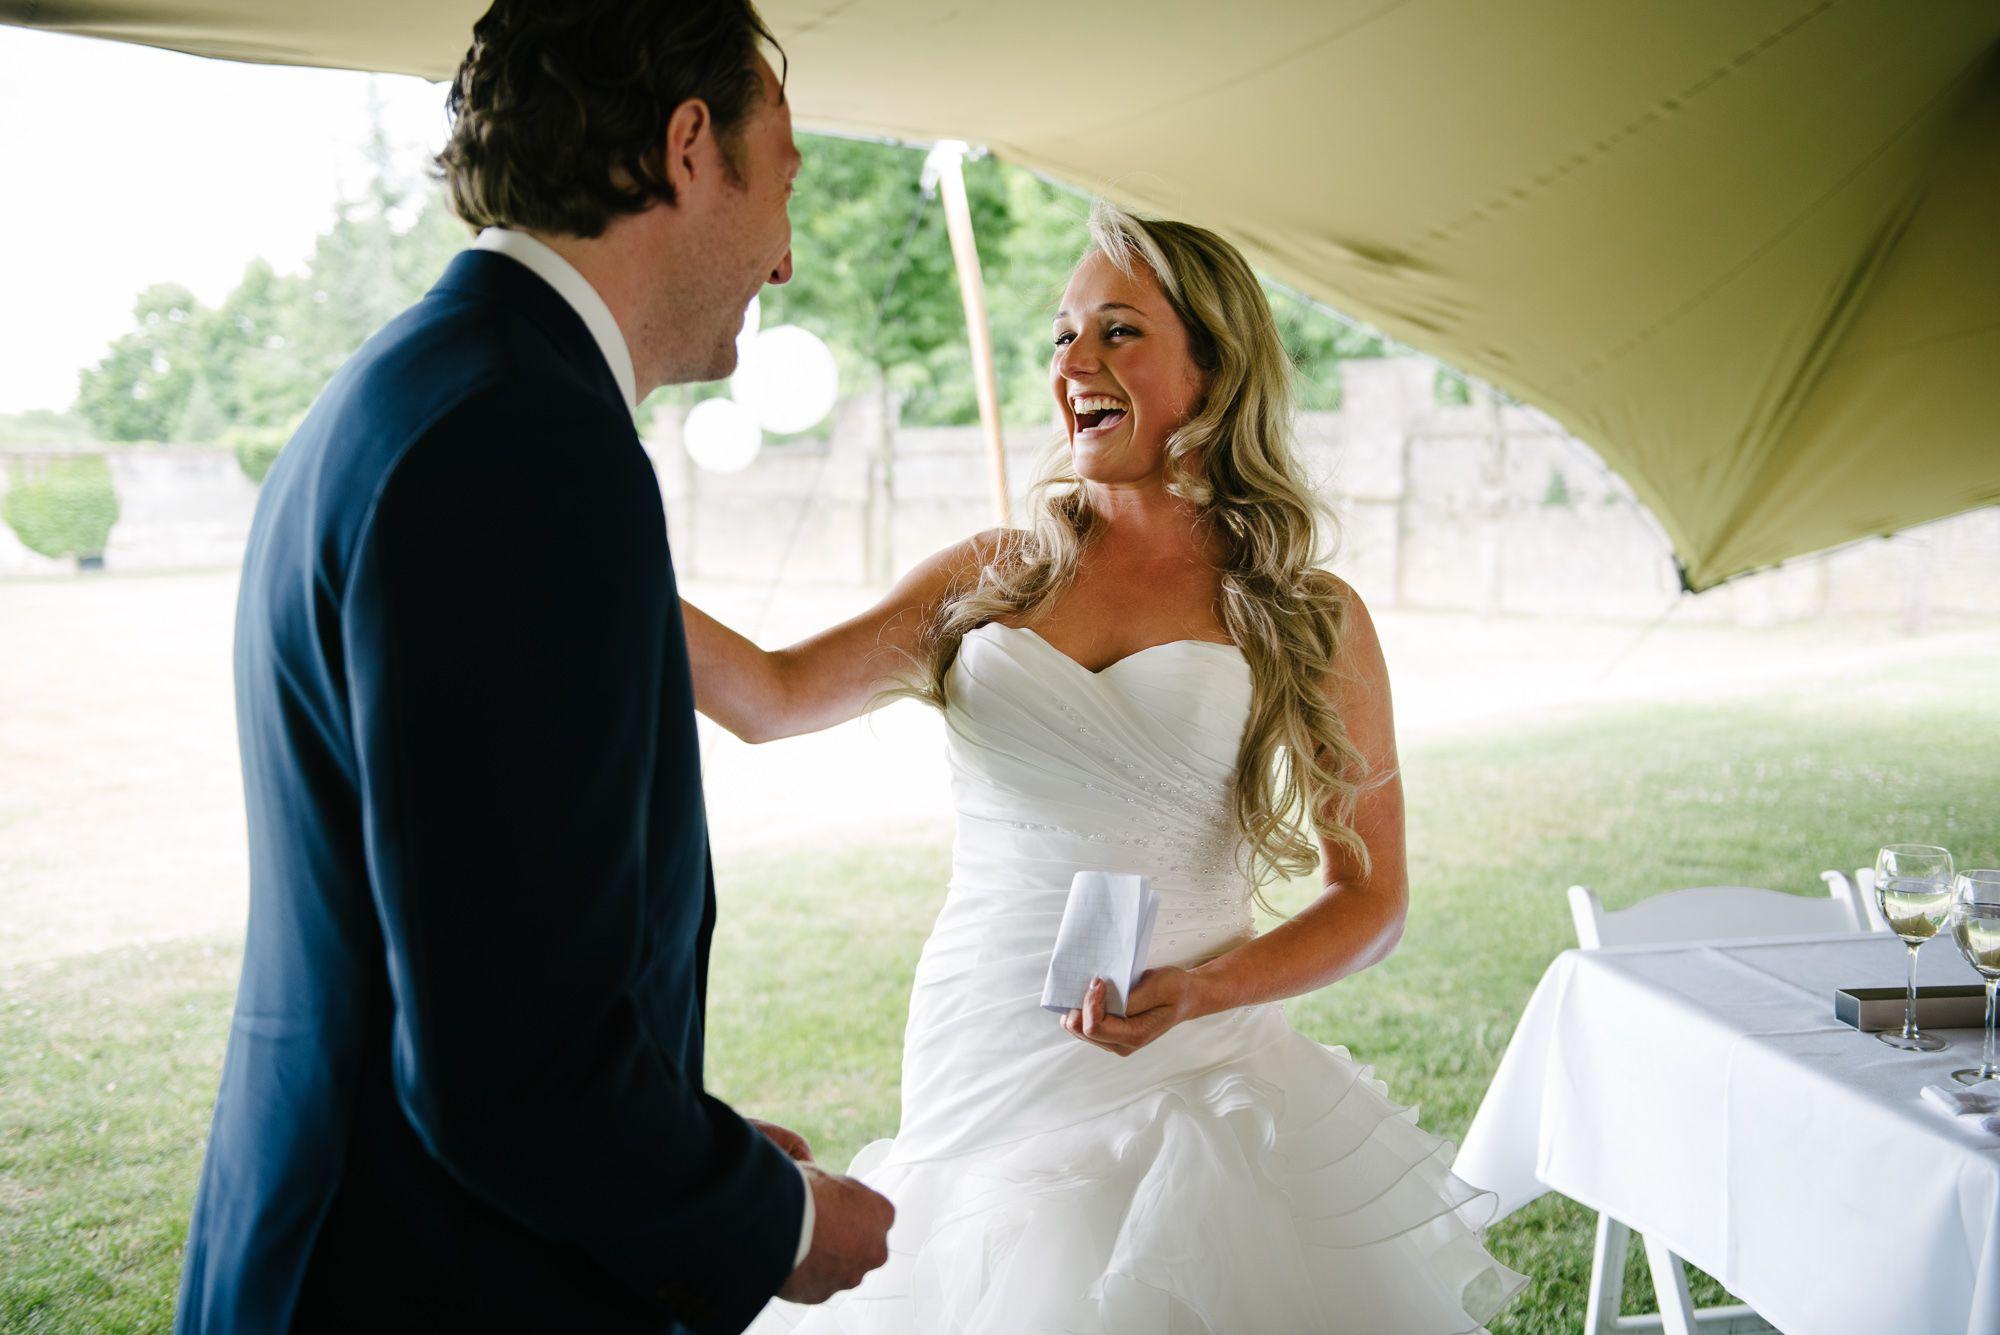 buitenlocatie bruiloft Maastricht bruidsfotograaf